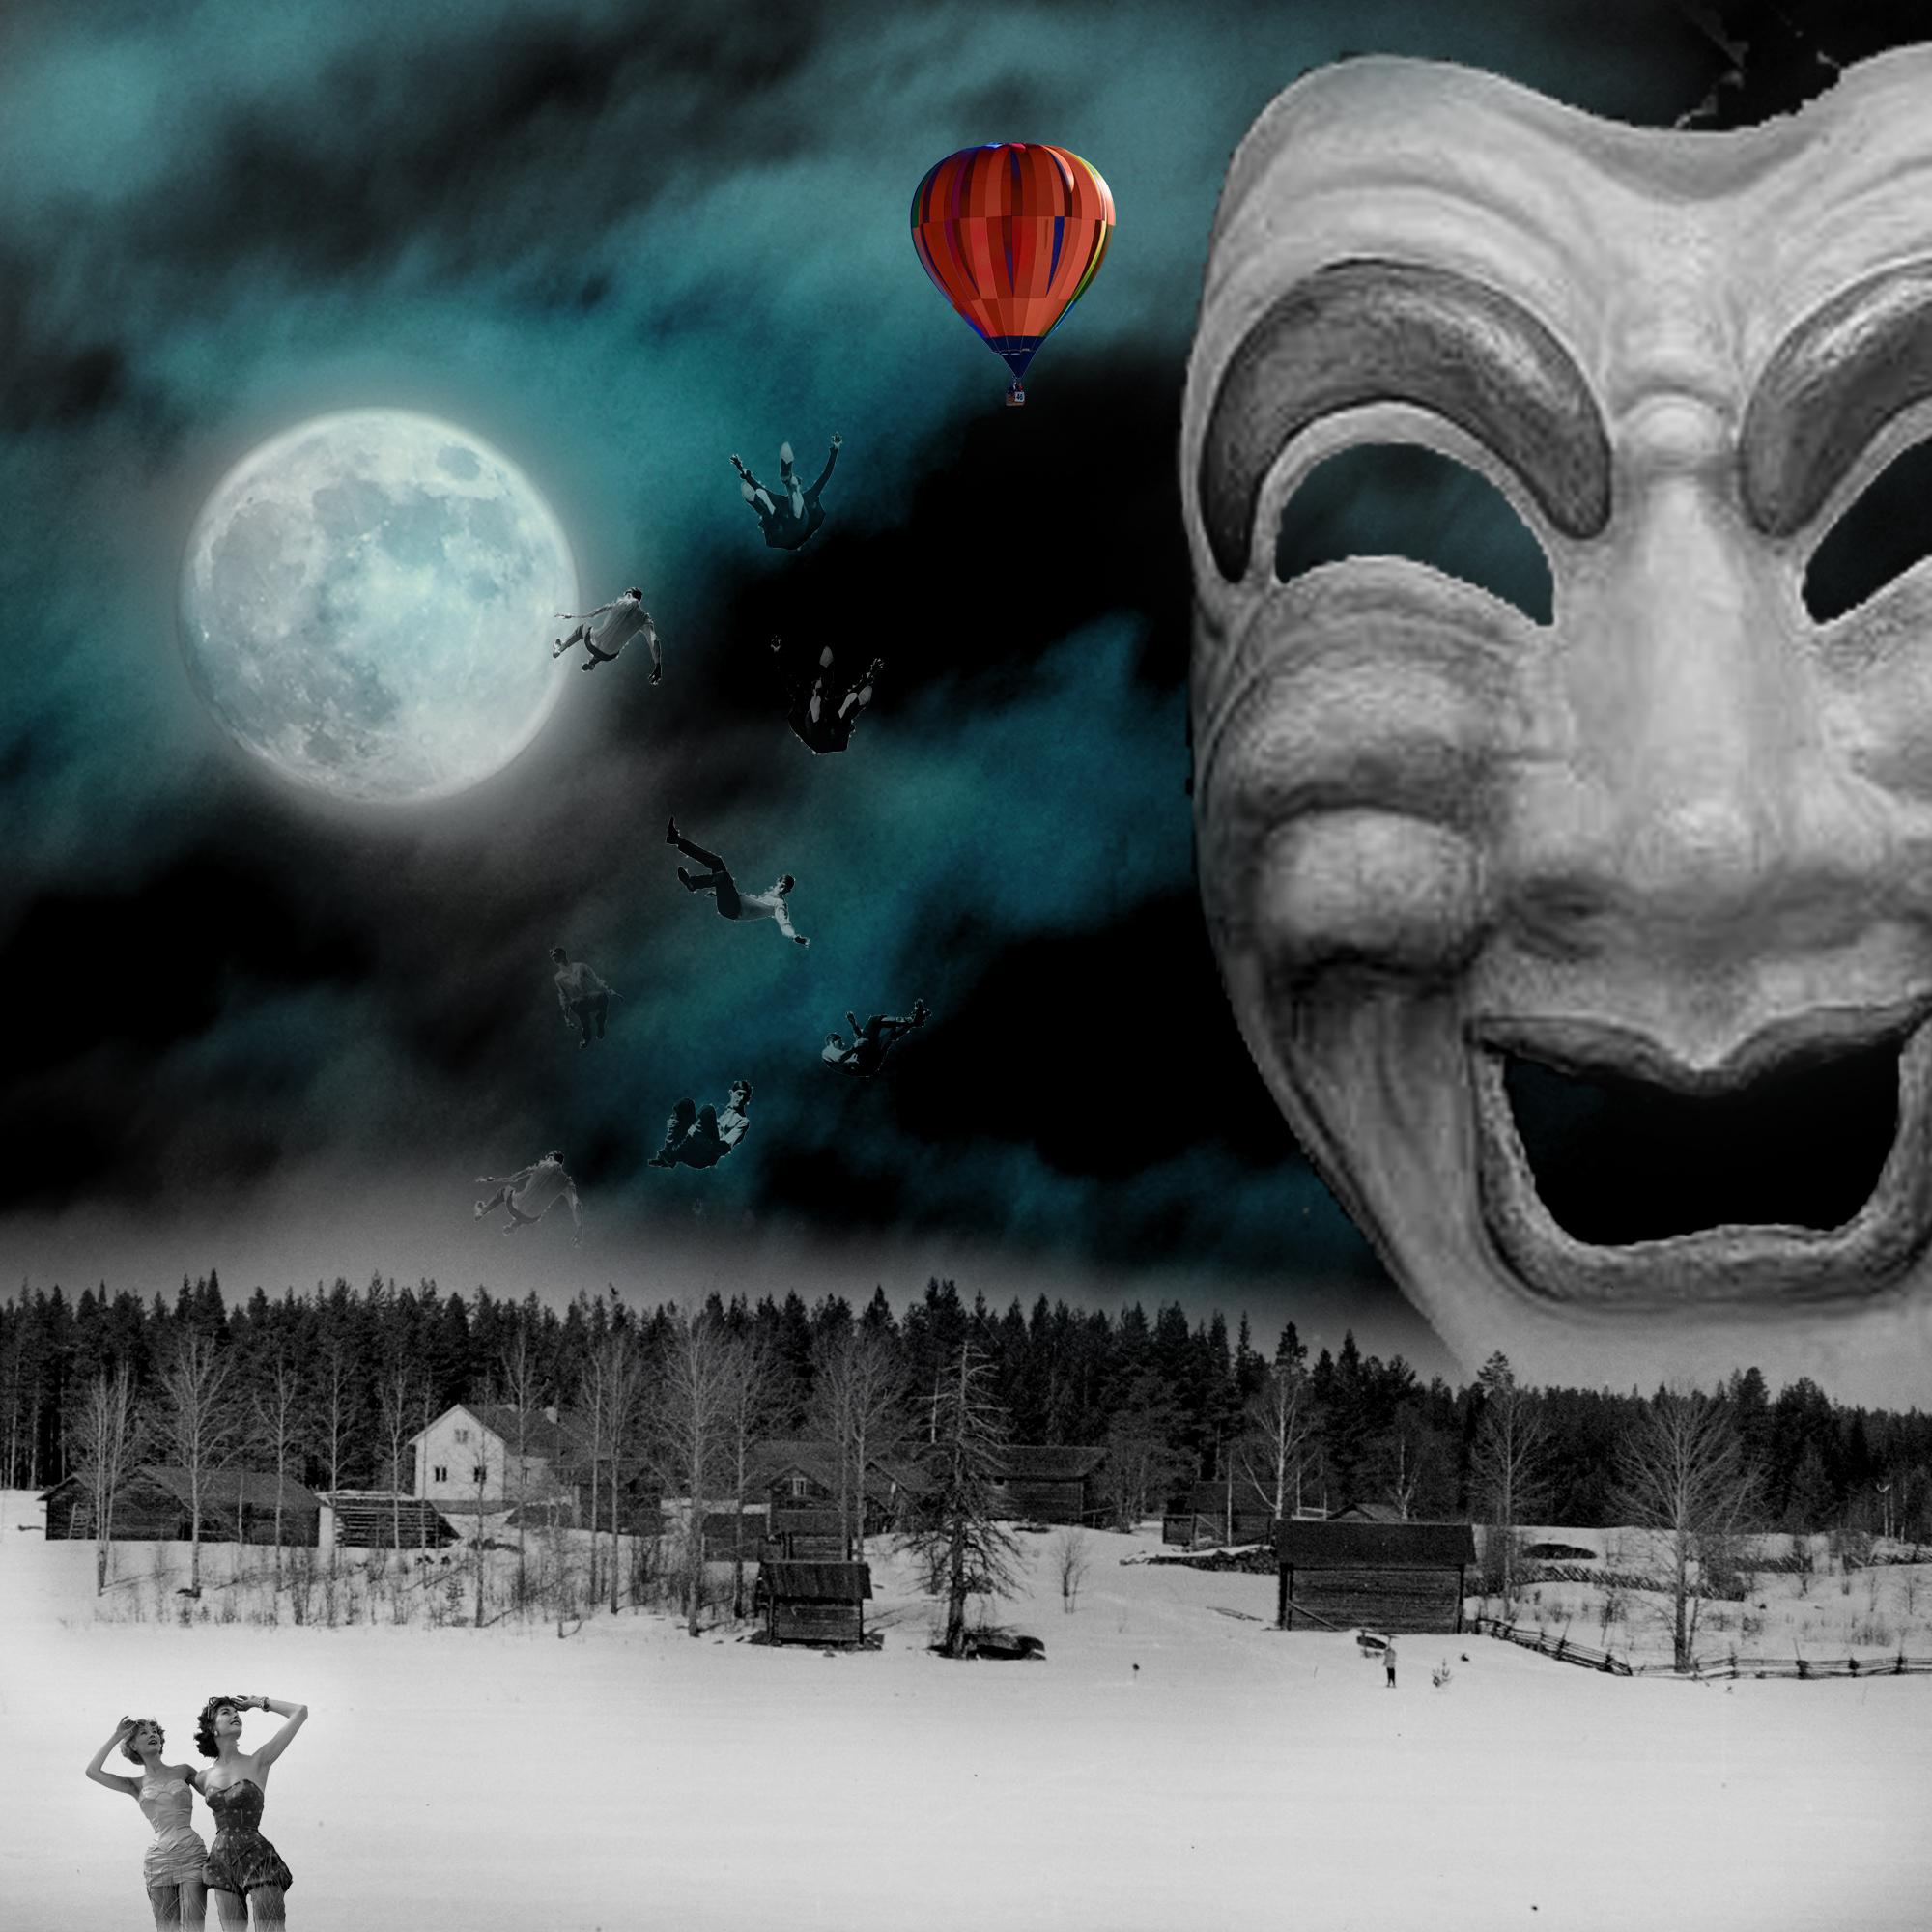 El influjo de la Luna III: Burlesque. Paisaje nocturno con luna, una gran máscara y hombres cayendo de un globo. Loco Mundo Arte y Bohemia